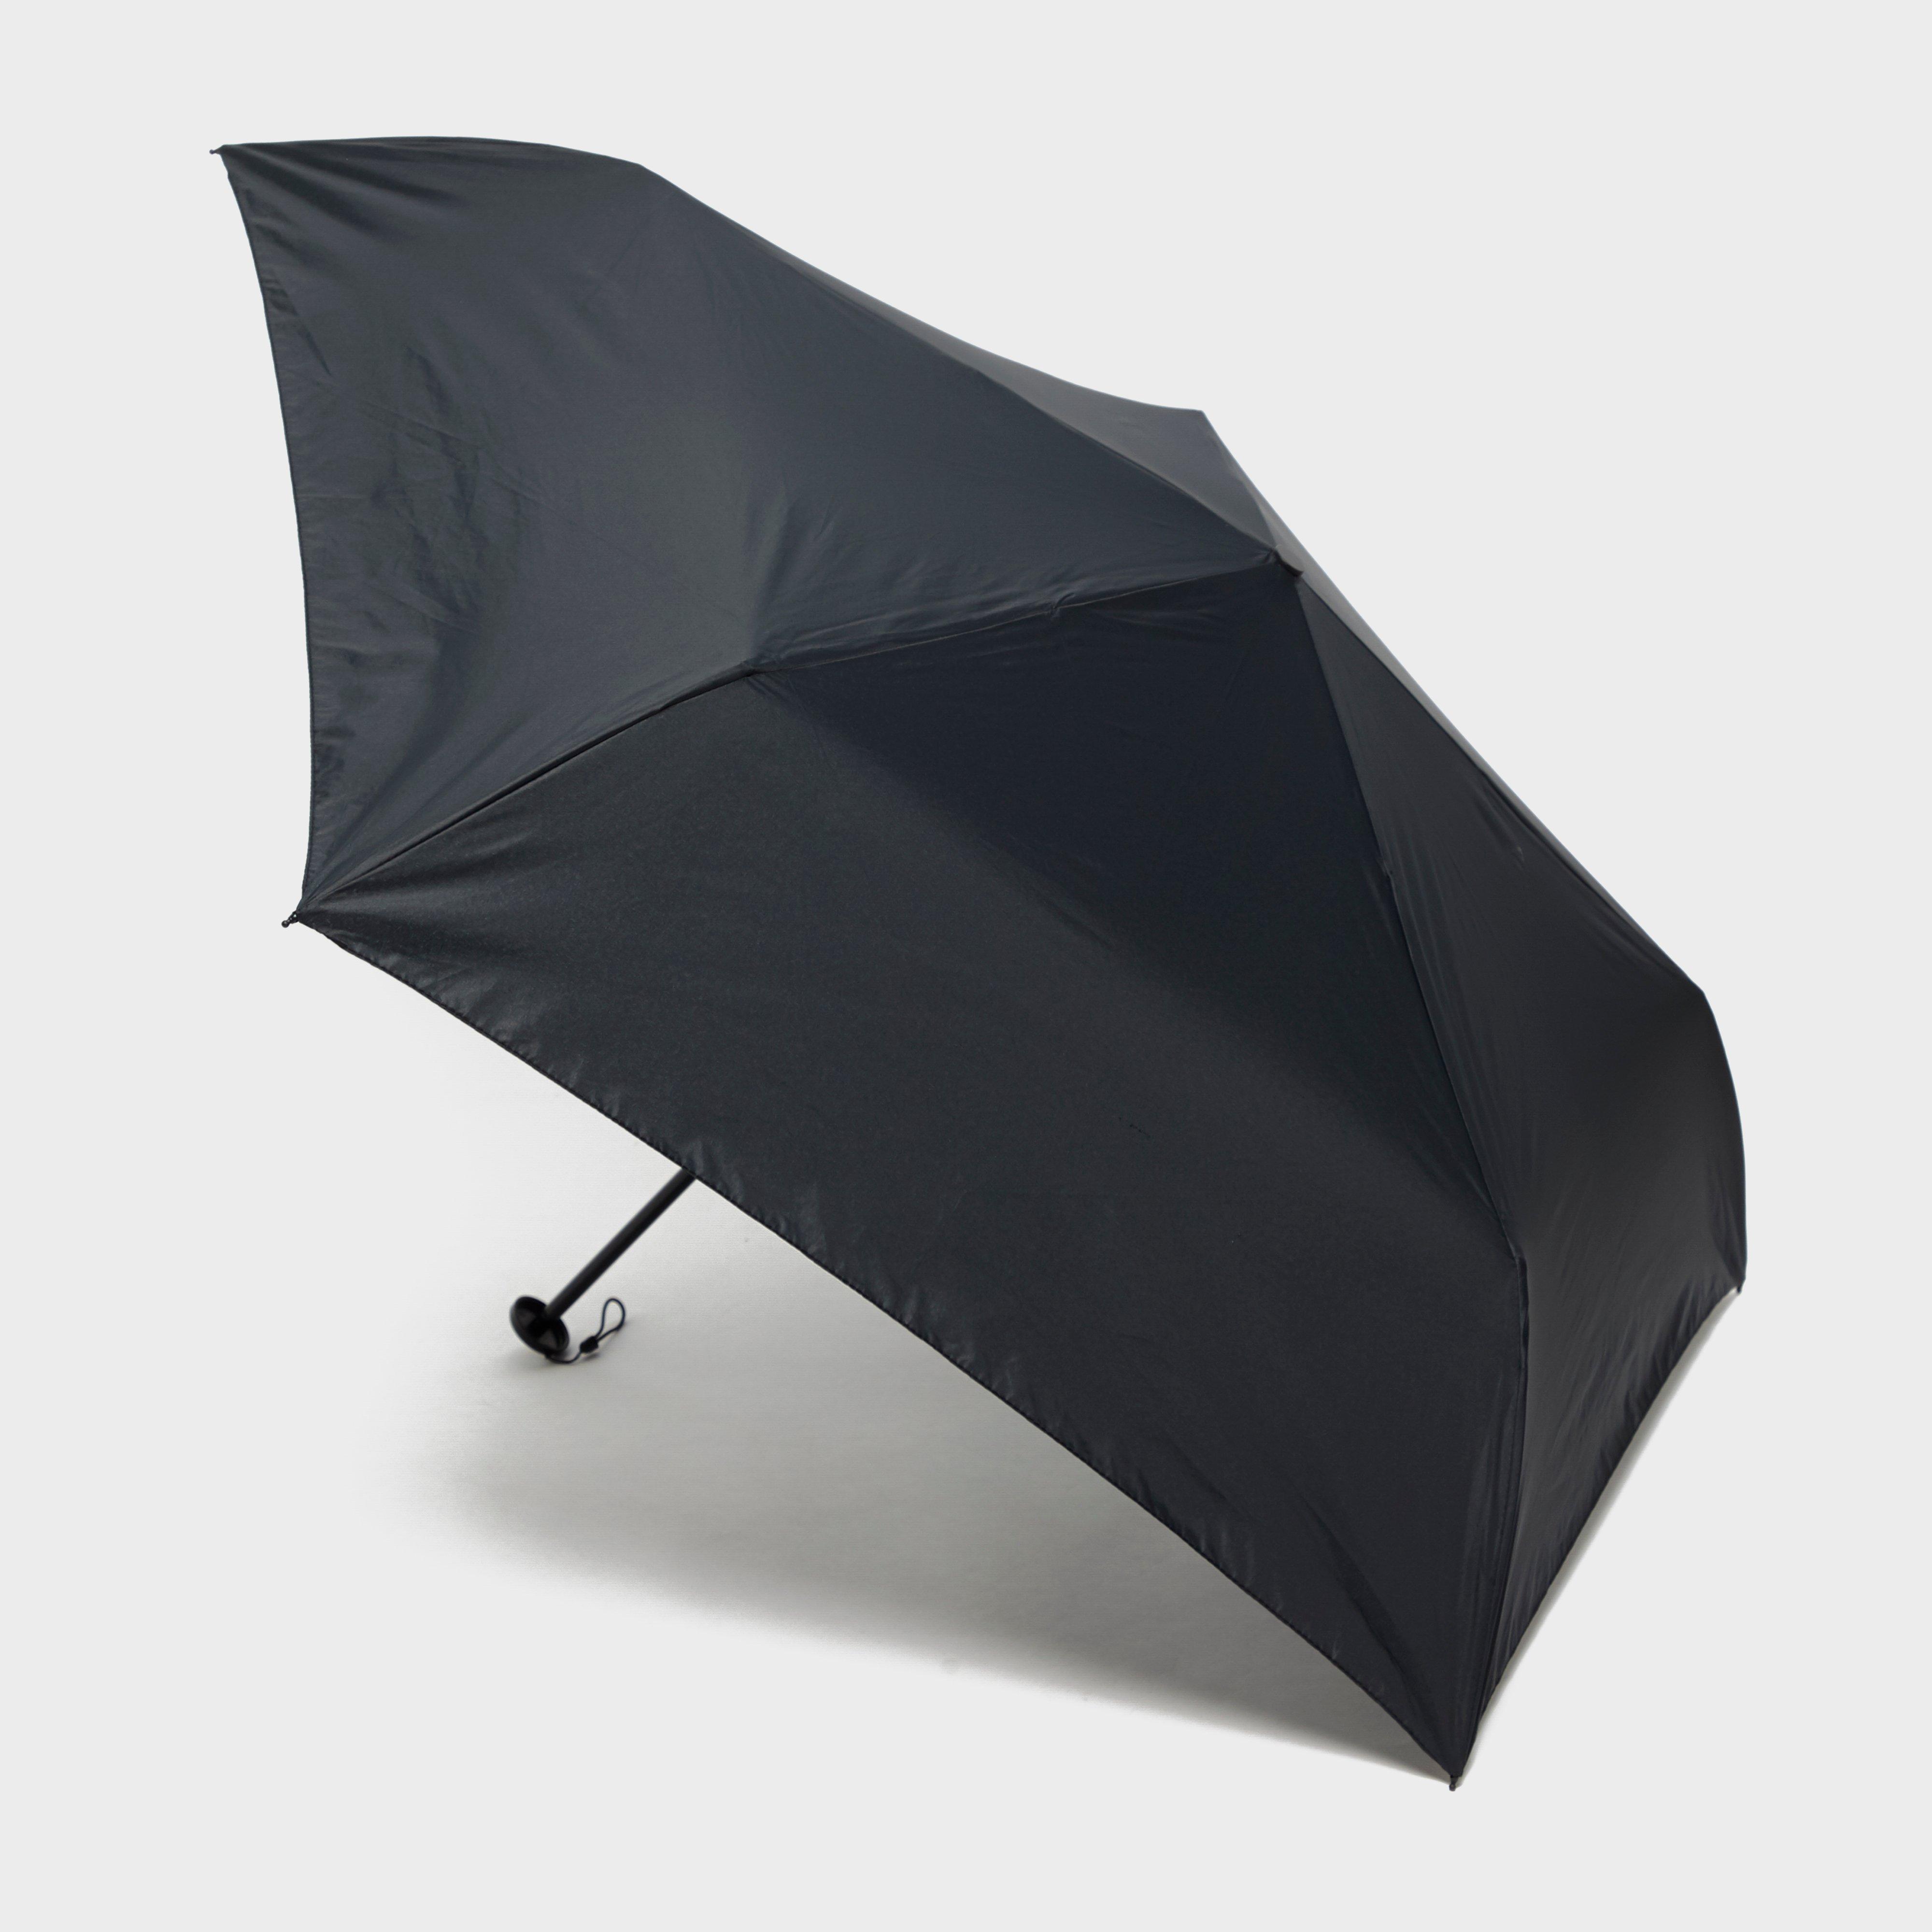 Fulton Fulton Aerolite Folding Umbrella - Black, Black